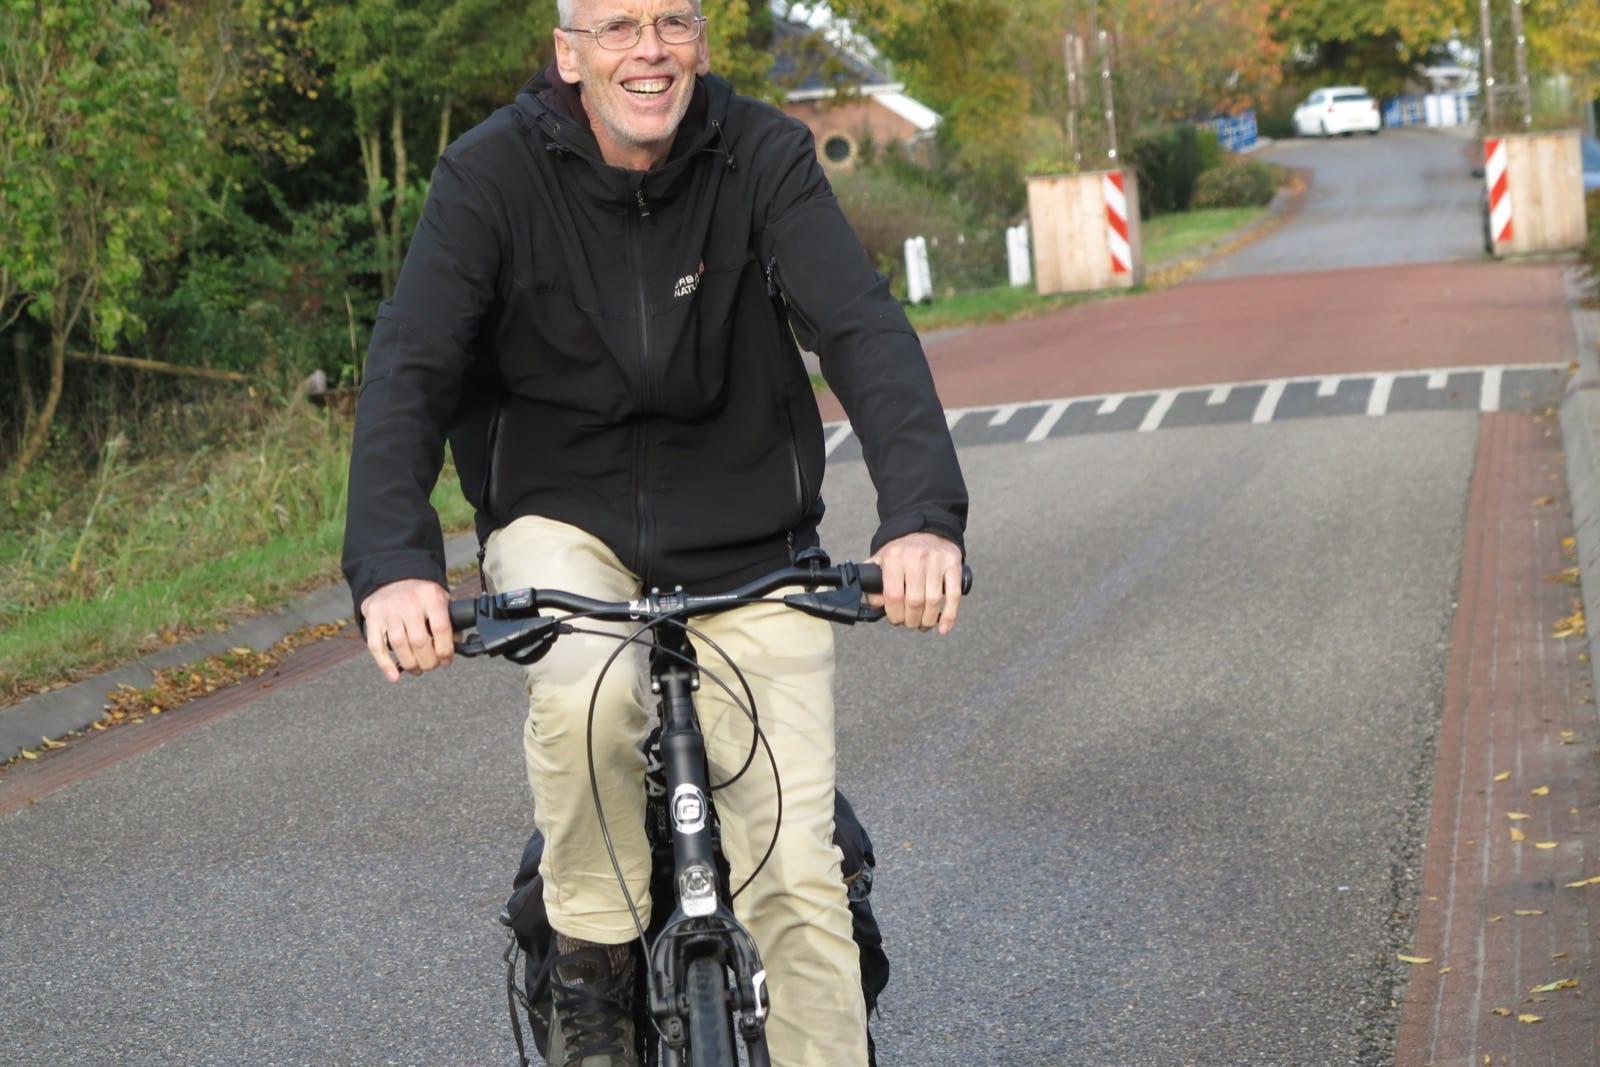 et-fiets-en-fietser-92-gerard-sewuster-oi.jpg